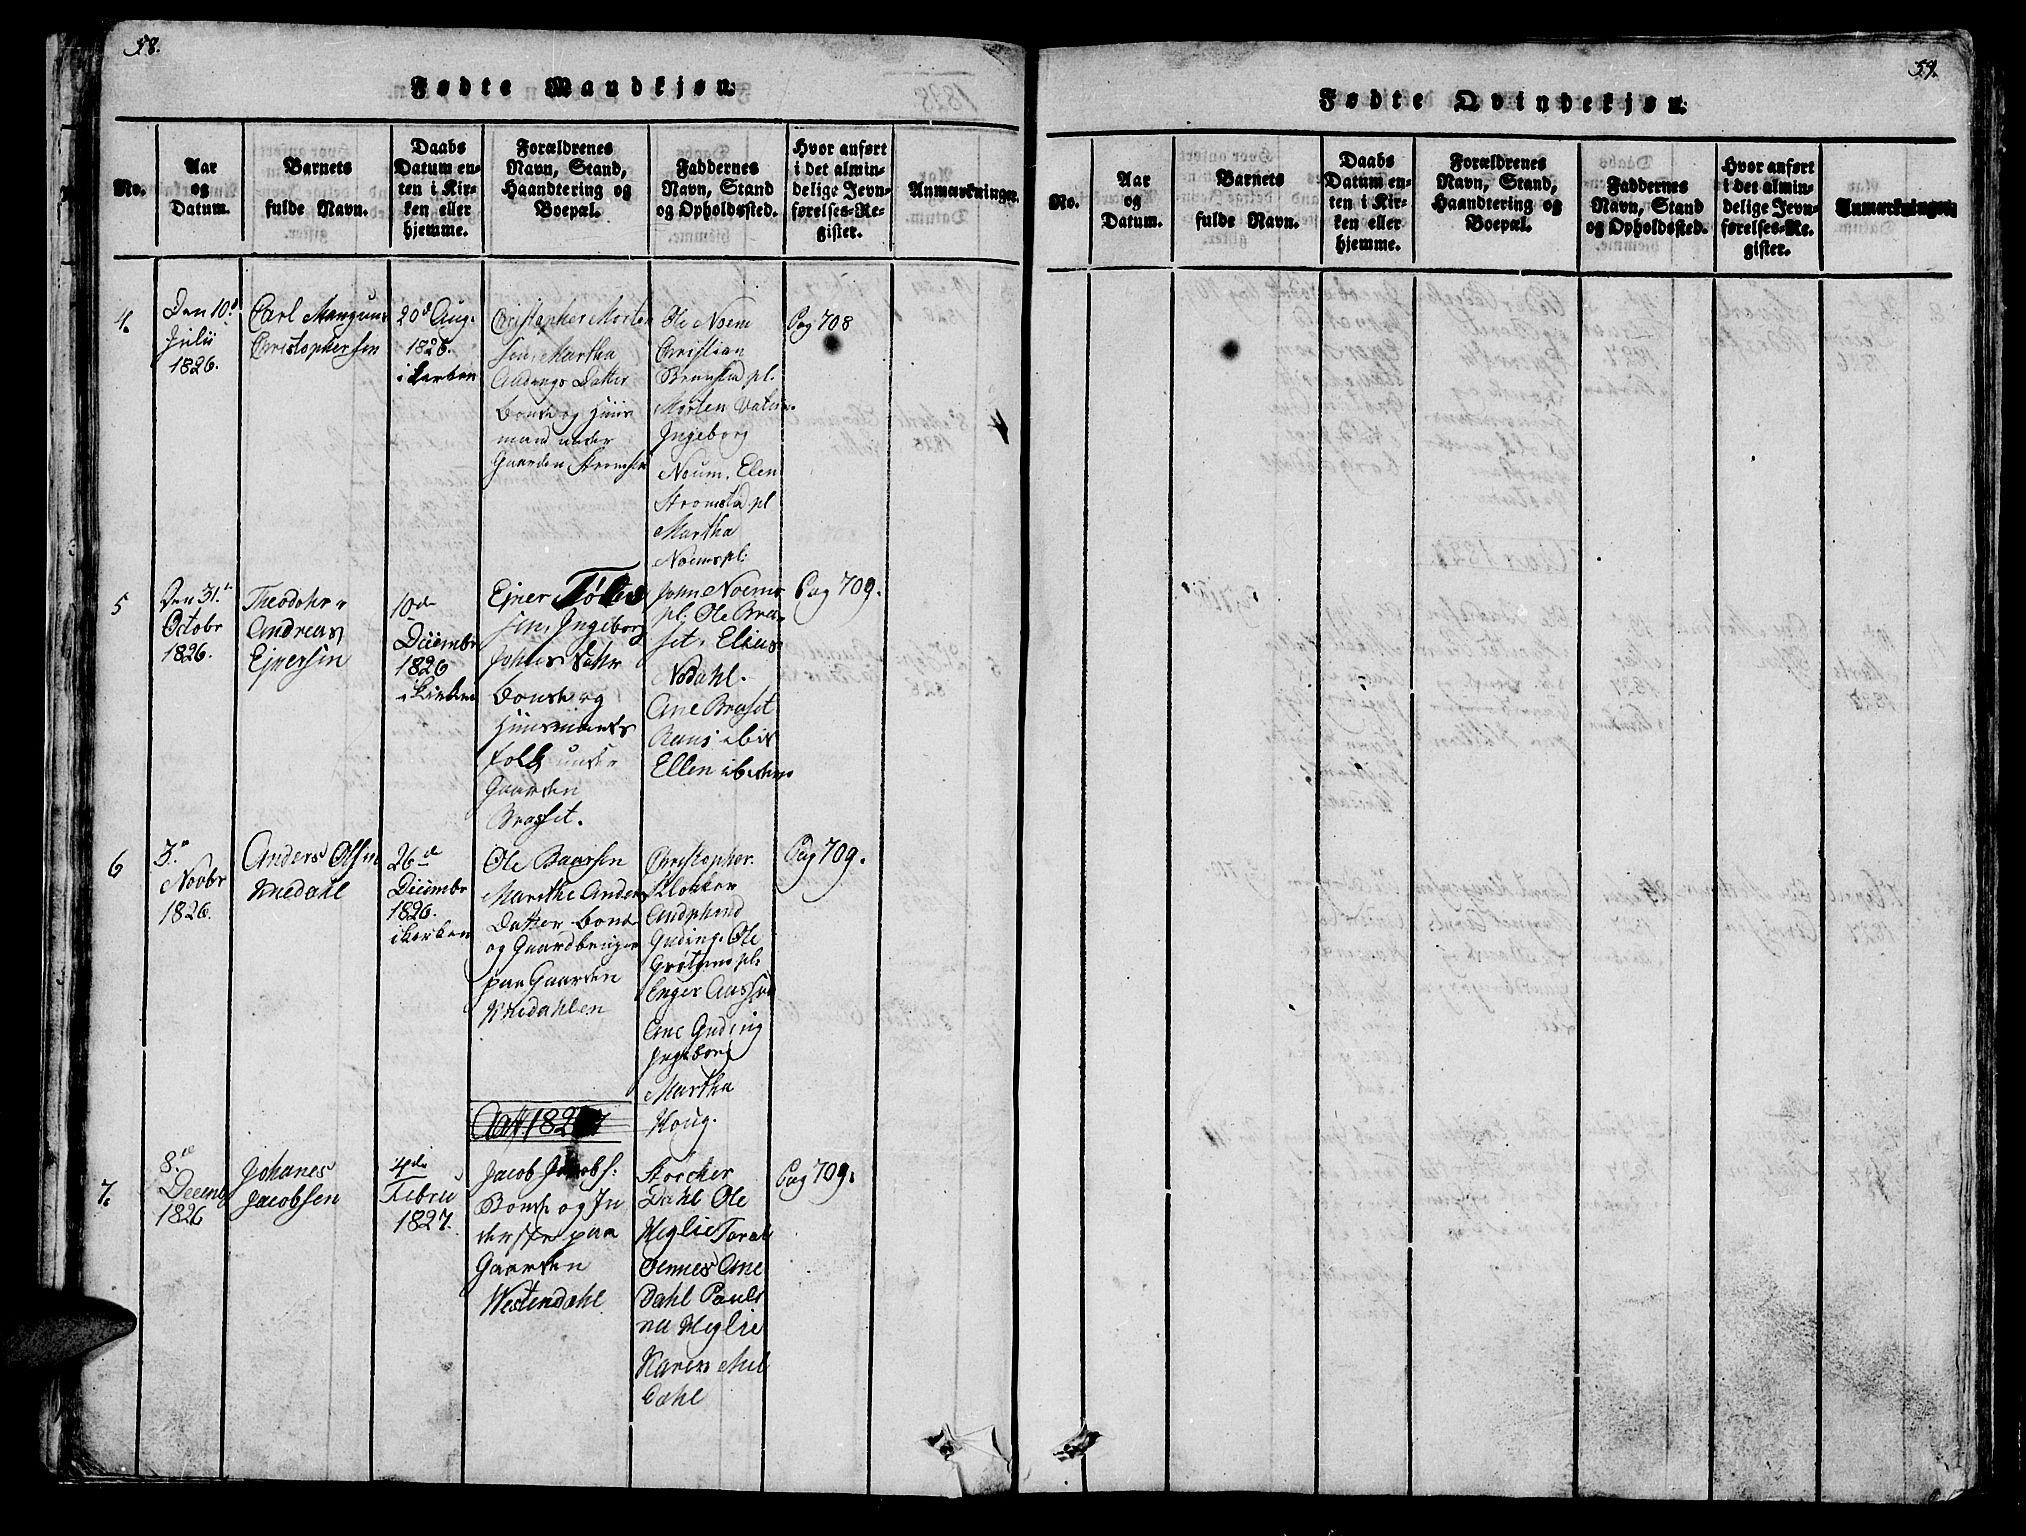 SAT, Ministerialprotokoller, klokkerbøker og fødselsregistre - Nord-Trøndelag, 747/L0459: Klokkerbok nr. 747C01, 1816-1842, s. 58-59